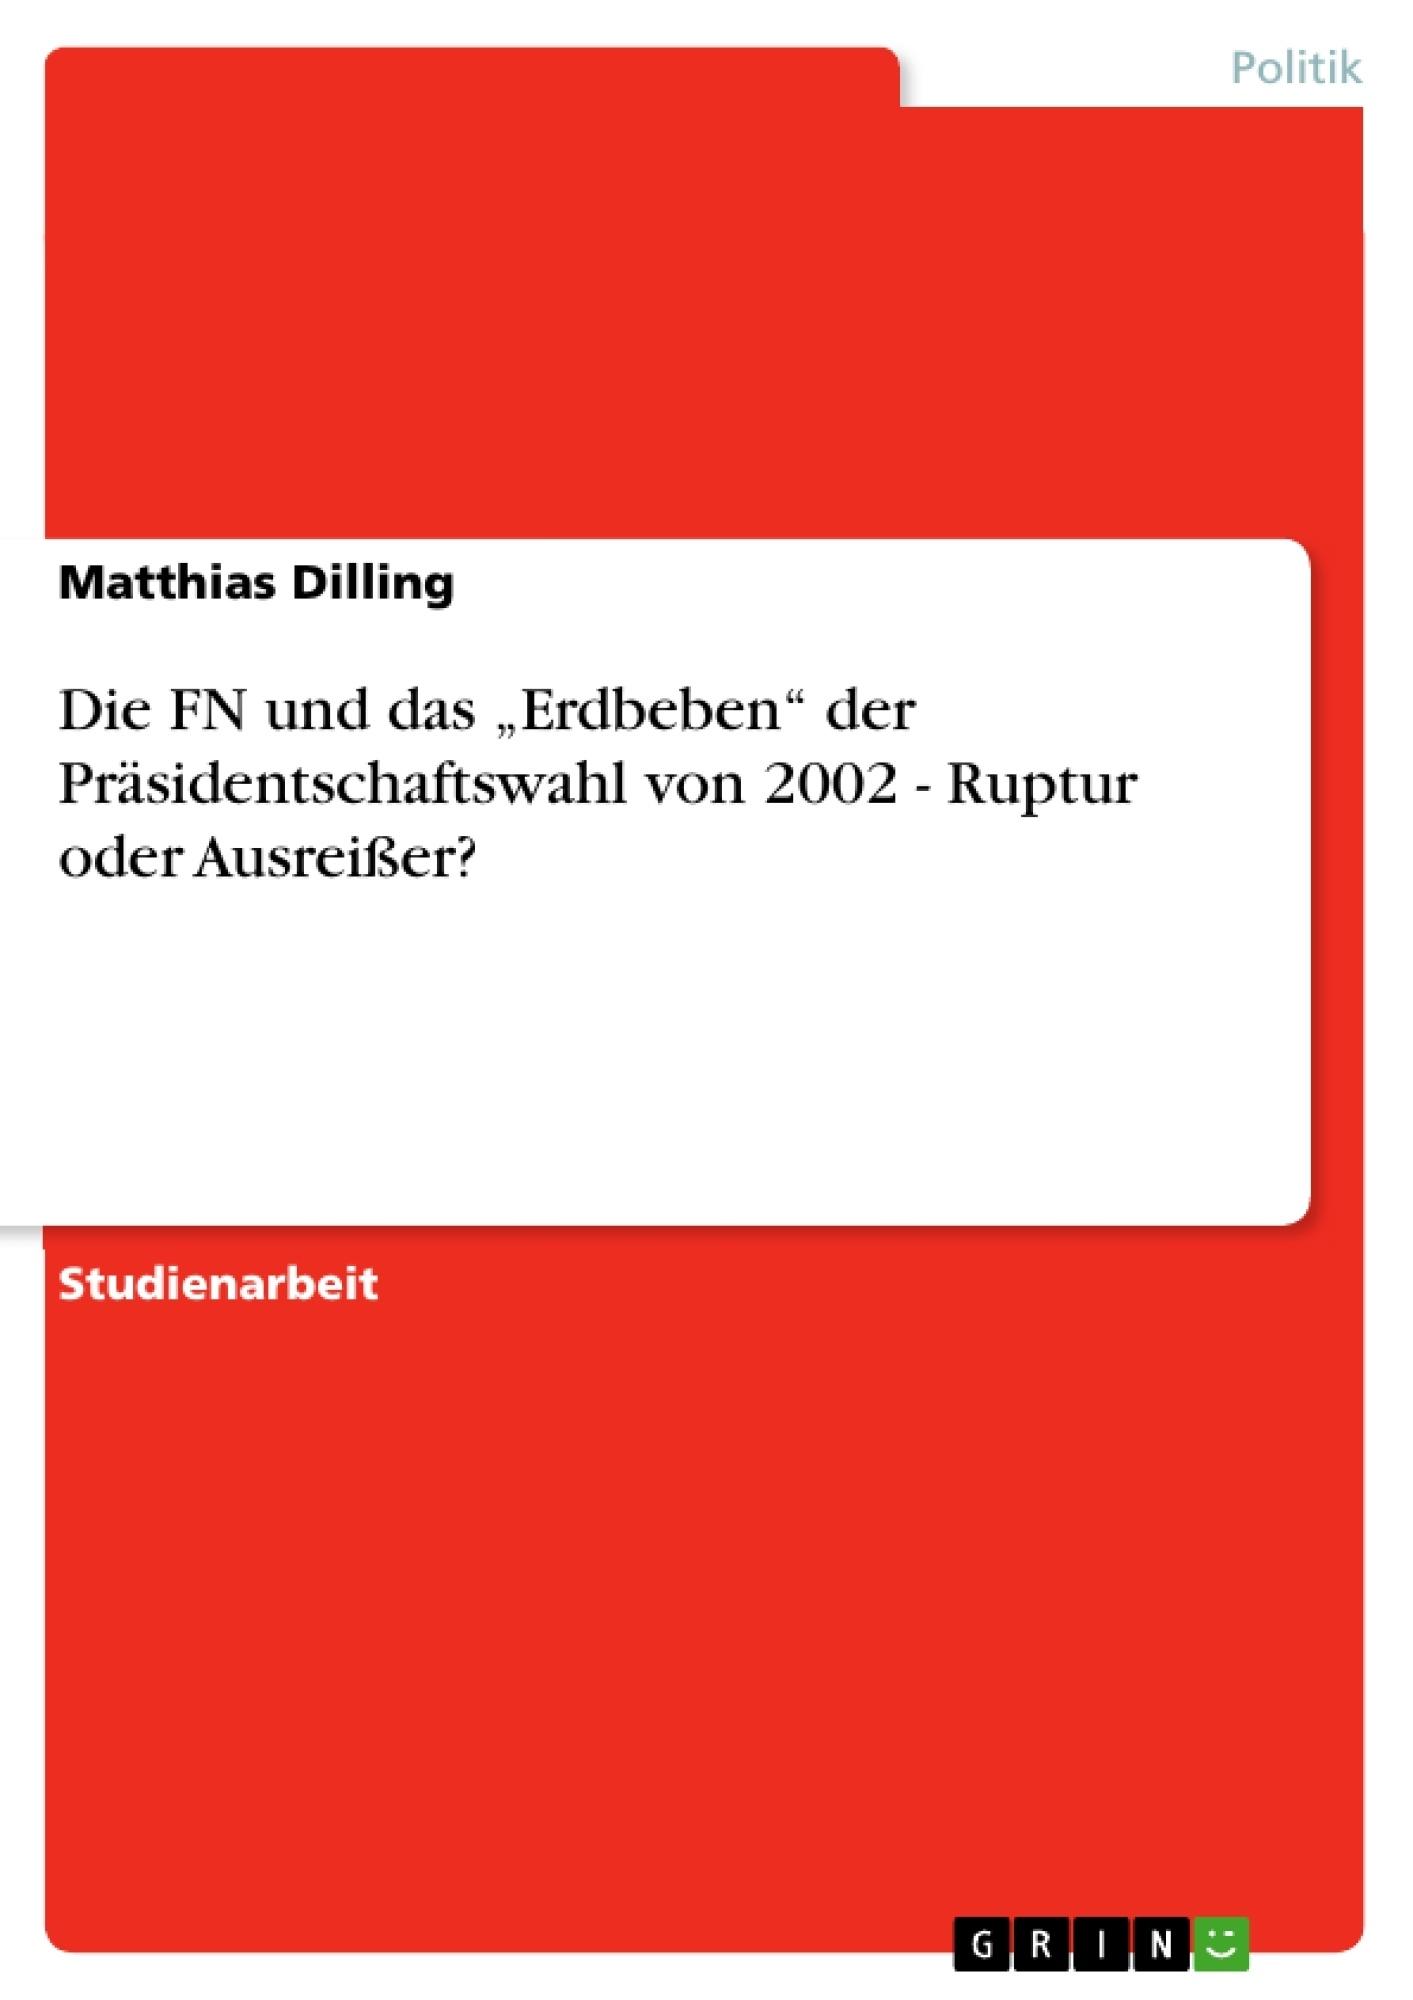 """Titel: Die FN und das """"Erdbeben"""" der Präsidentschaftswahl von 2002 - Ruptur oder Ausreißer?"""